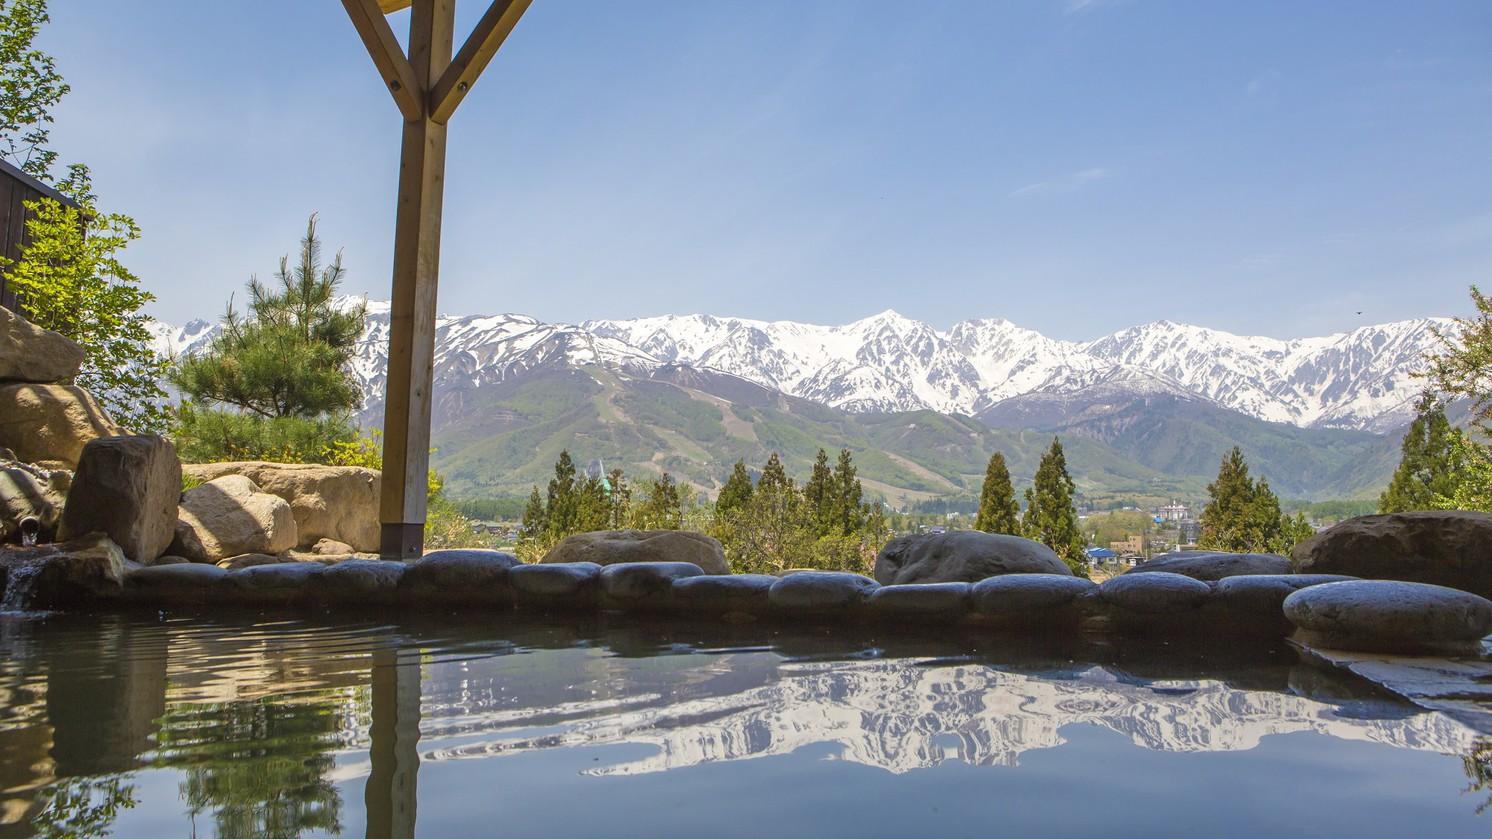 【天神の湯】南は五竜岳から北は栂池高原まで一望できる大パノラマ風呂。